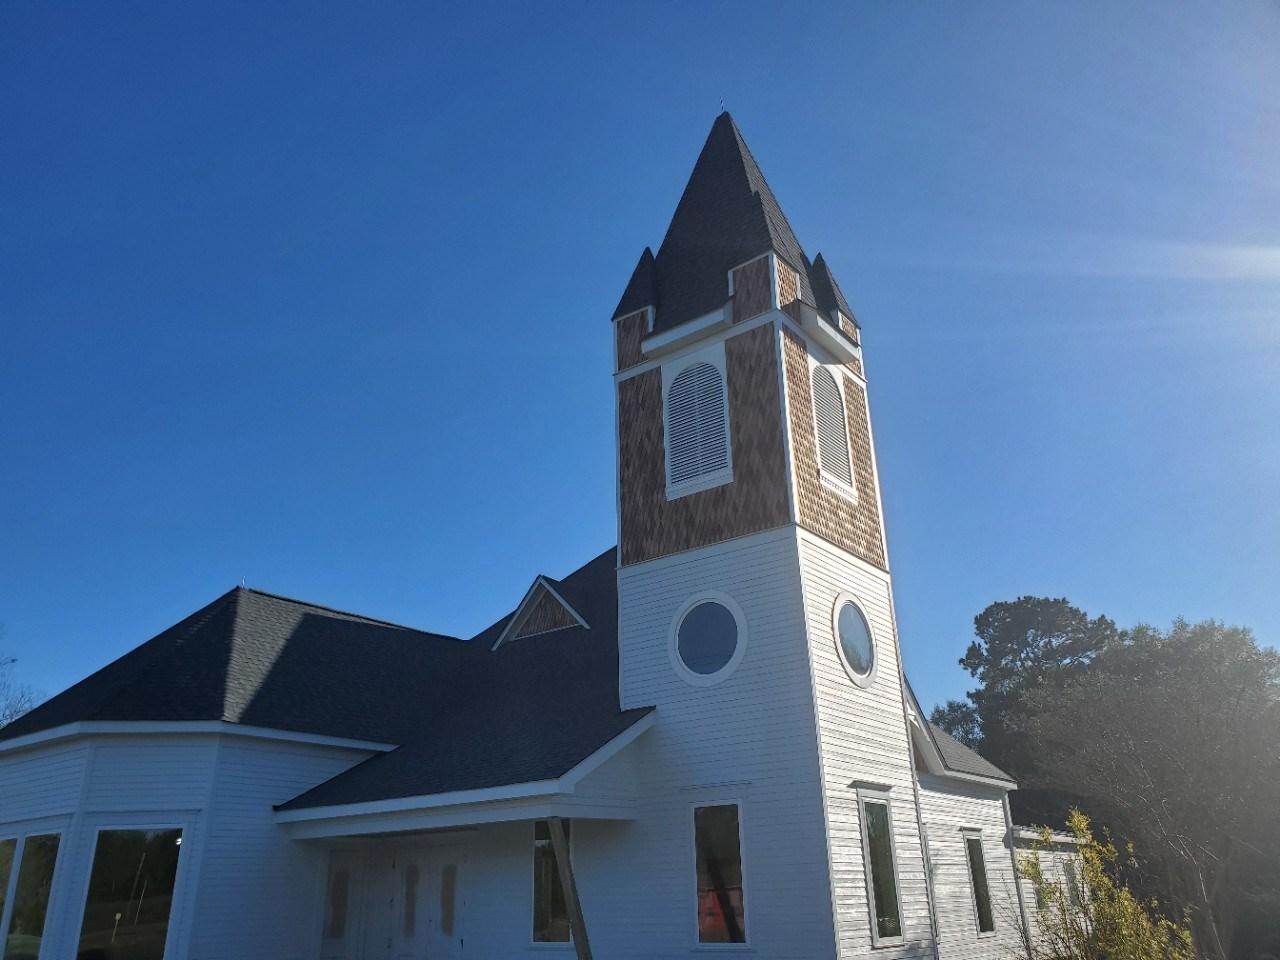 Church exterior on a sunny day